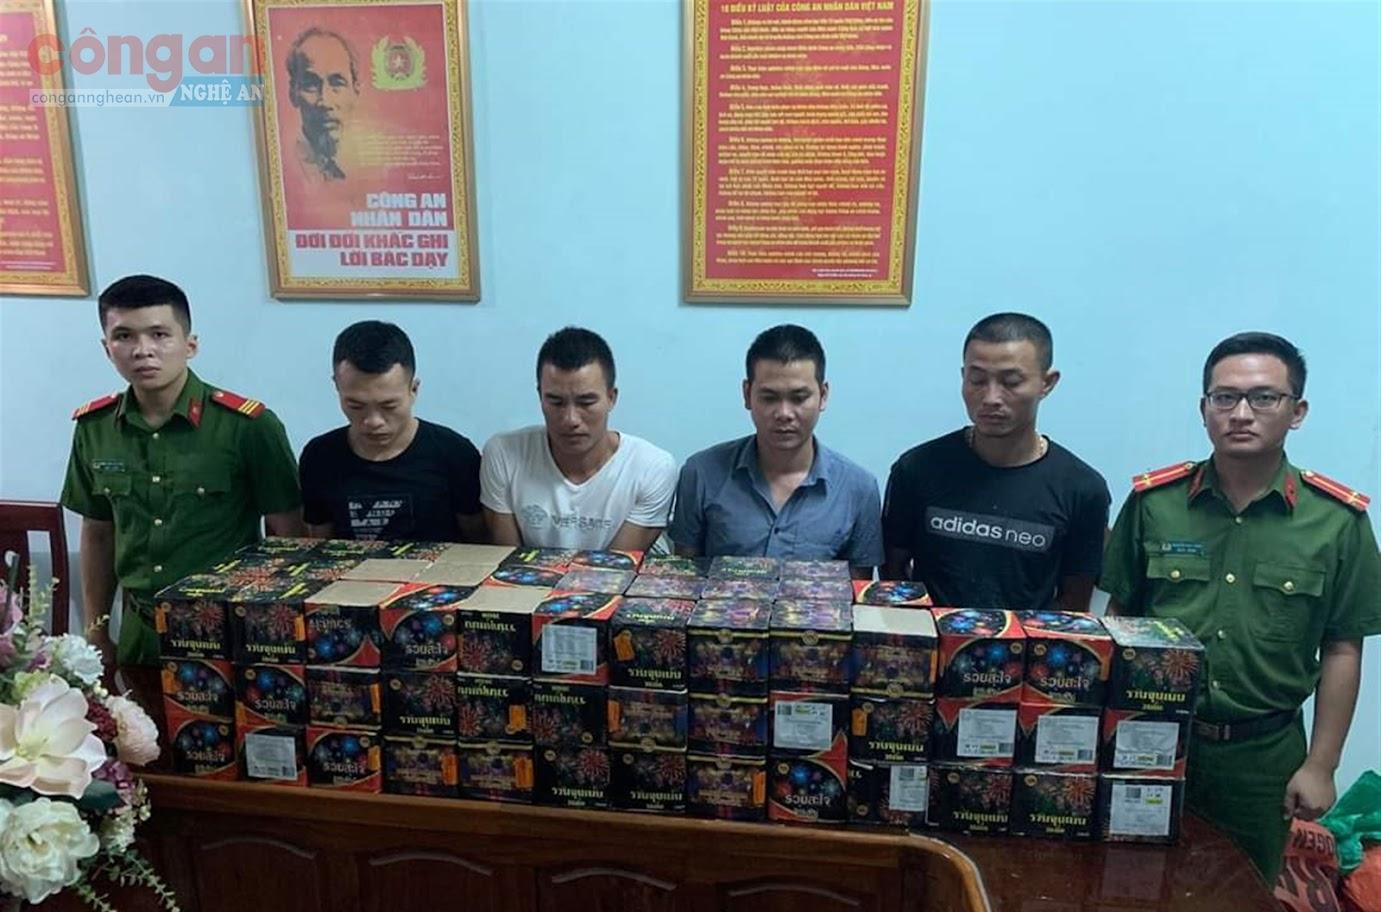 Thông qua nguồn tin báo của quần chúng nhân dân, Đội Điều tra tổng hợp  đã bắt giữ 4 đối tượng mua bán pháo nổ trái phép,  thu số lượng lớn tang vật liên quan